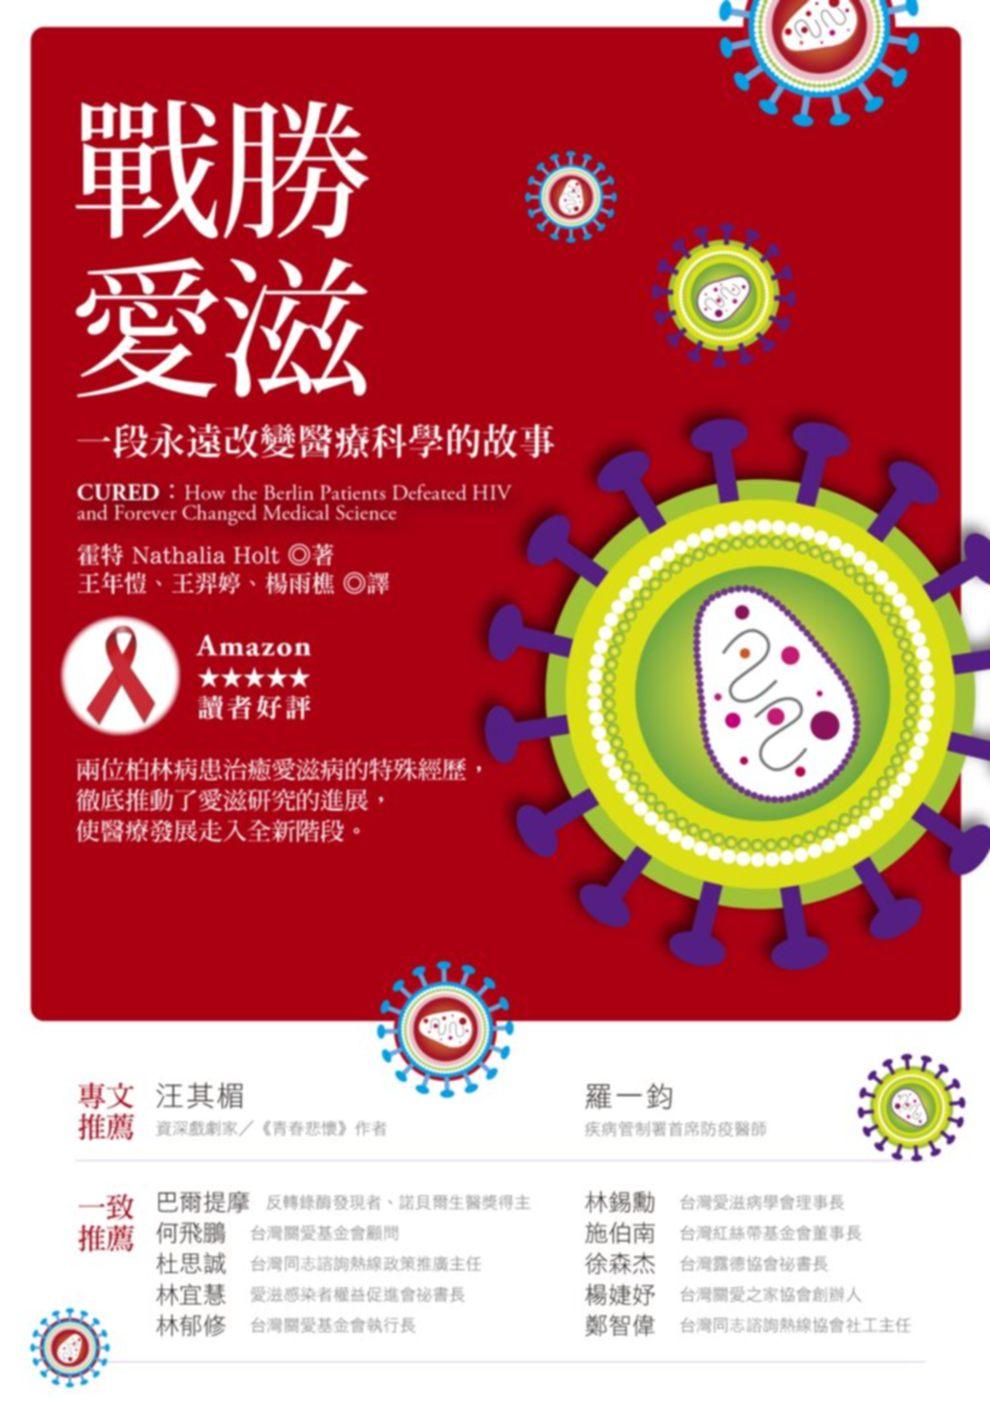 戰勝愛滋:一段永遠改變醫療科學的故事